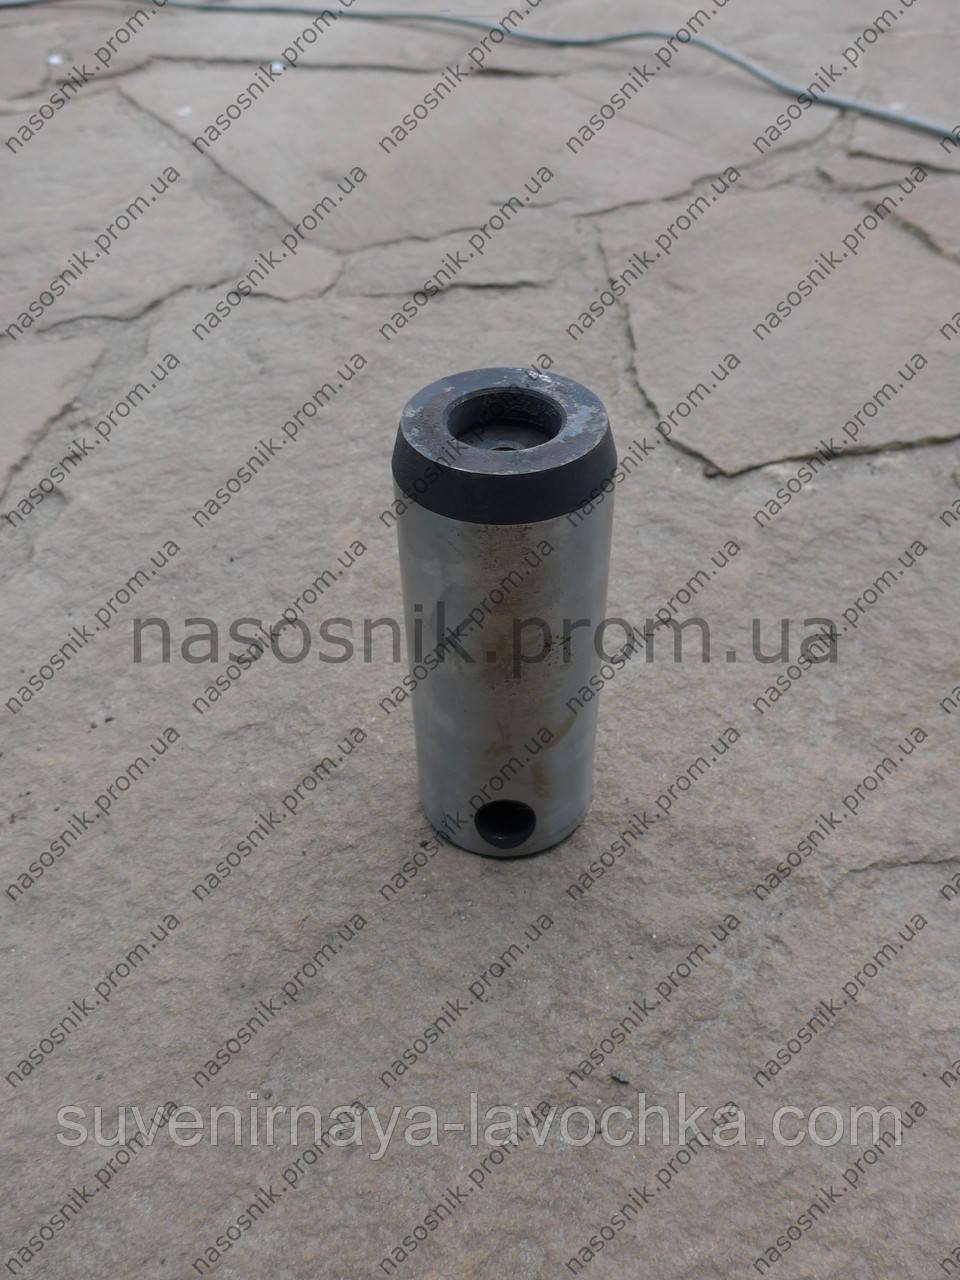 Палец на портал ф60, L148 погрузчика ХТЗ Т-156 (ТО-18А.14.00.002)